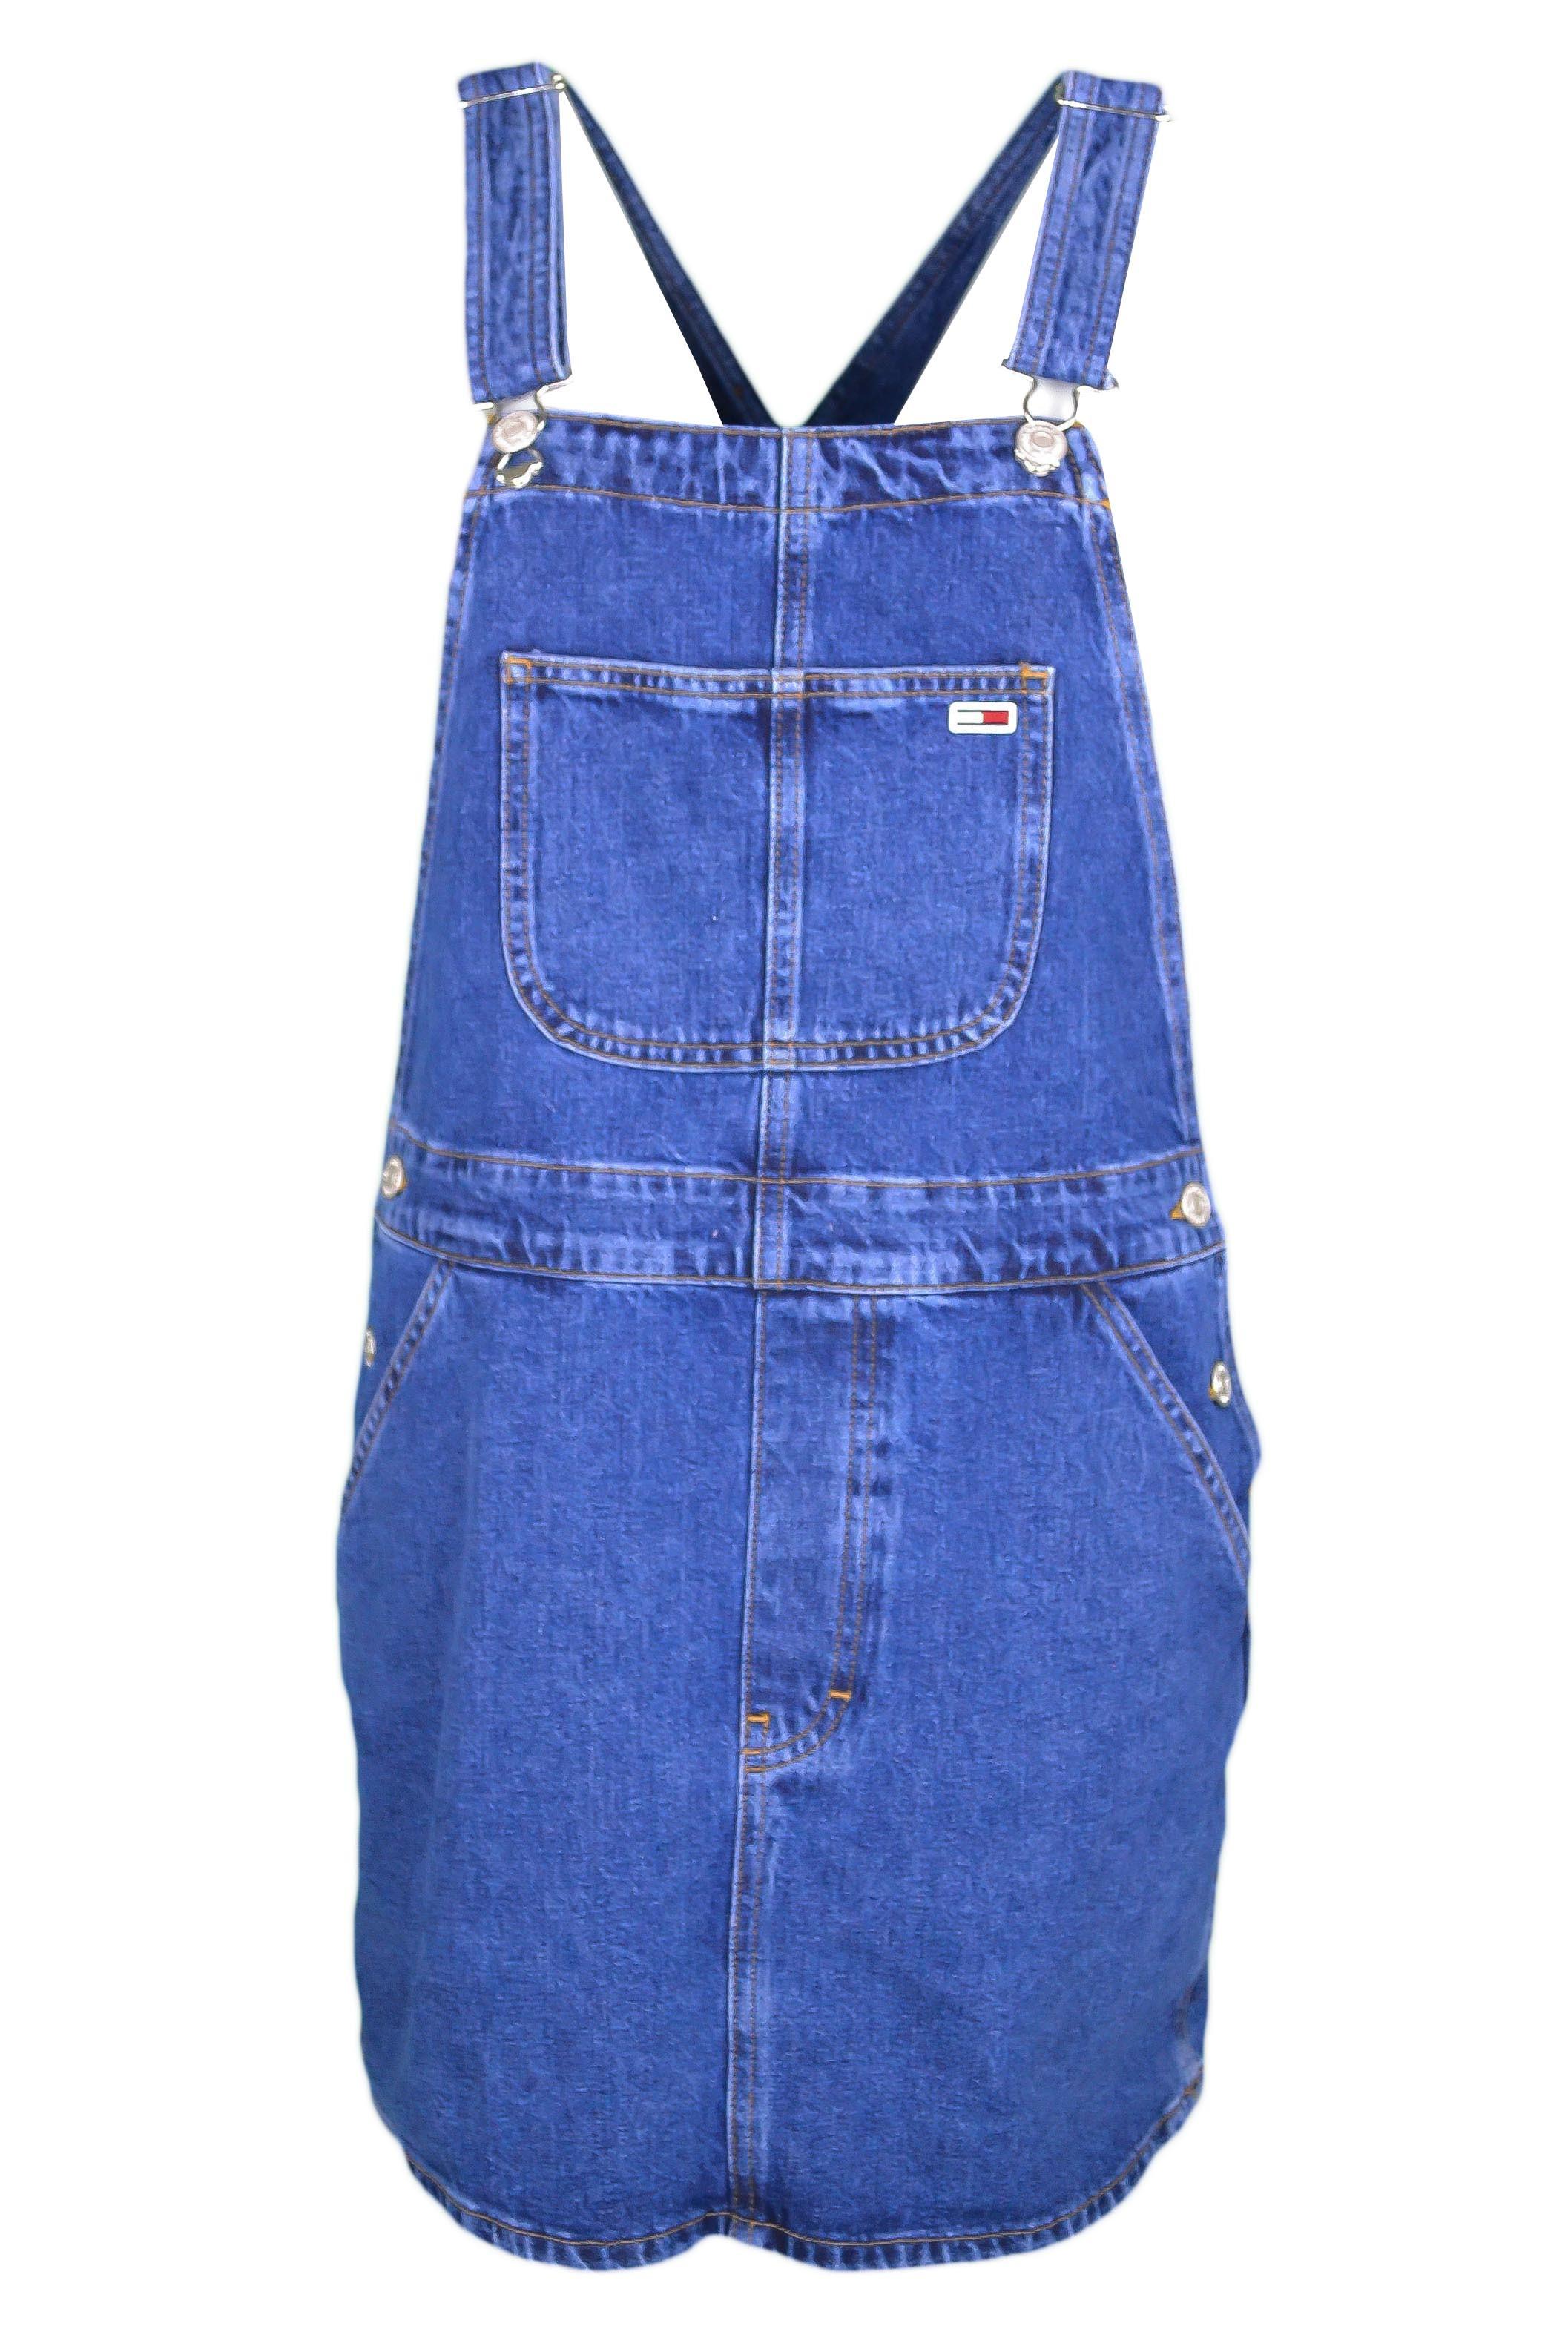 chaussures de séparation c1e51 bf643 Robe salopette Tommy Jeans bleu en jean pour femme - Toujours au me...